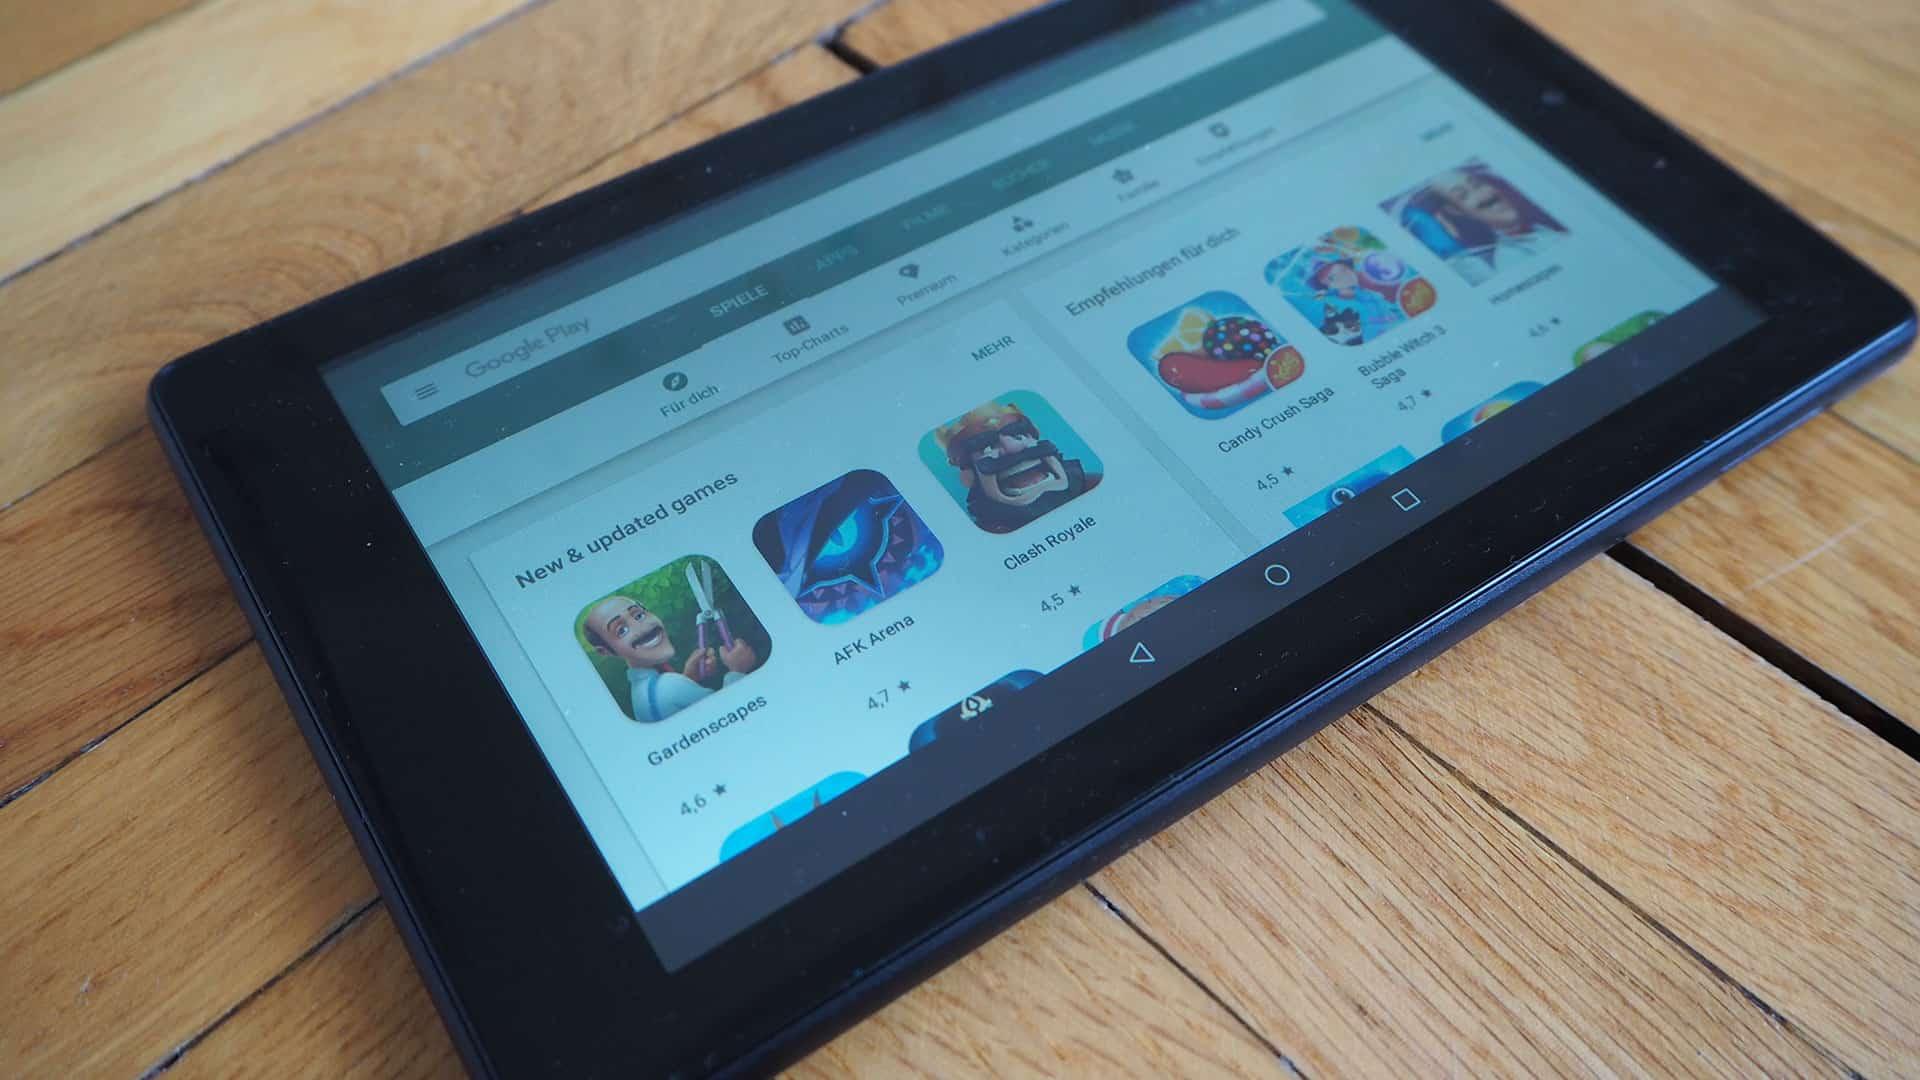 Play Store auf dem Amazon Fire-Tablet installieren - So geht